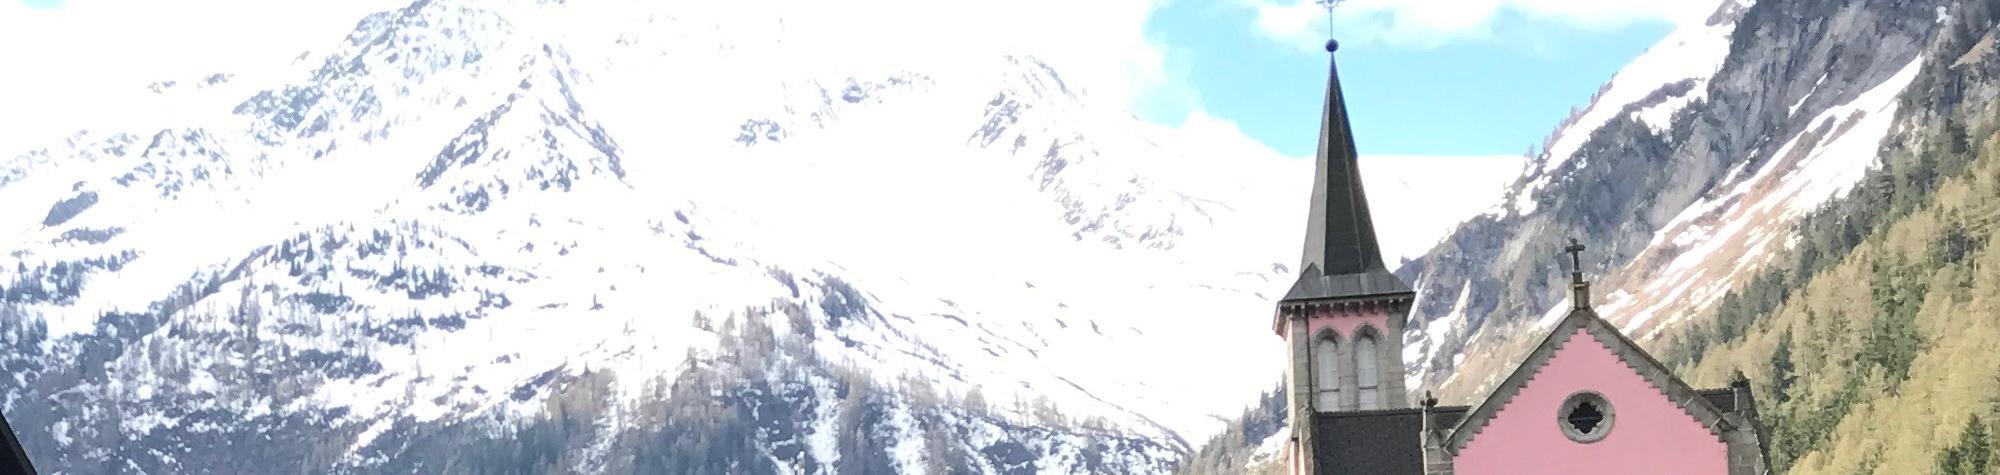 Chamonix uma cidade pitoresca aos pés do Mont Blanc – França